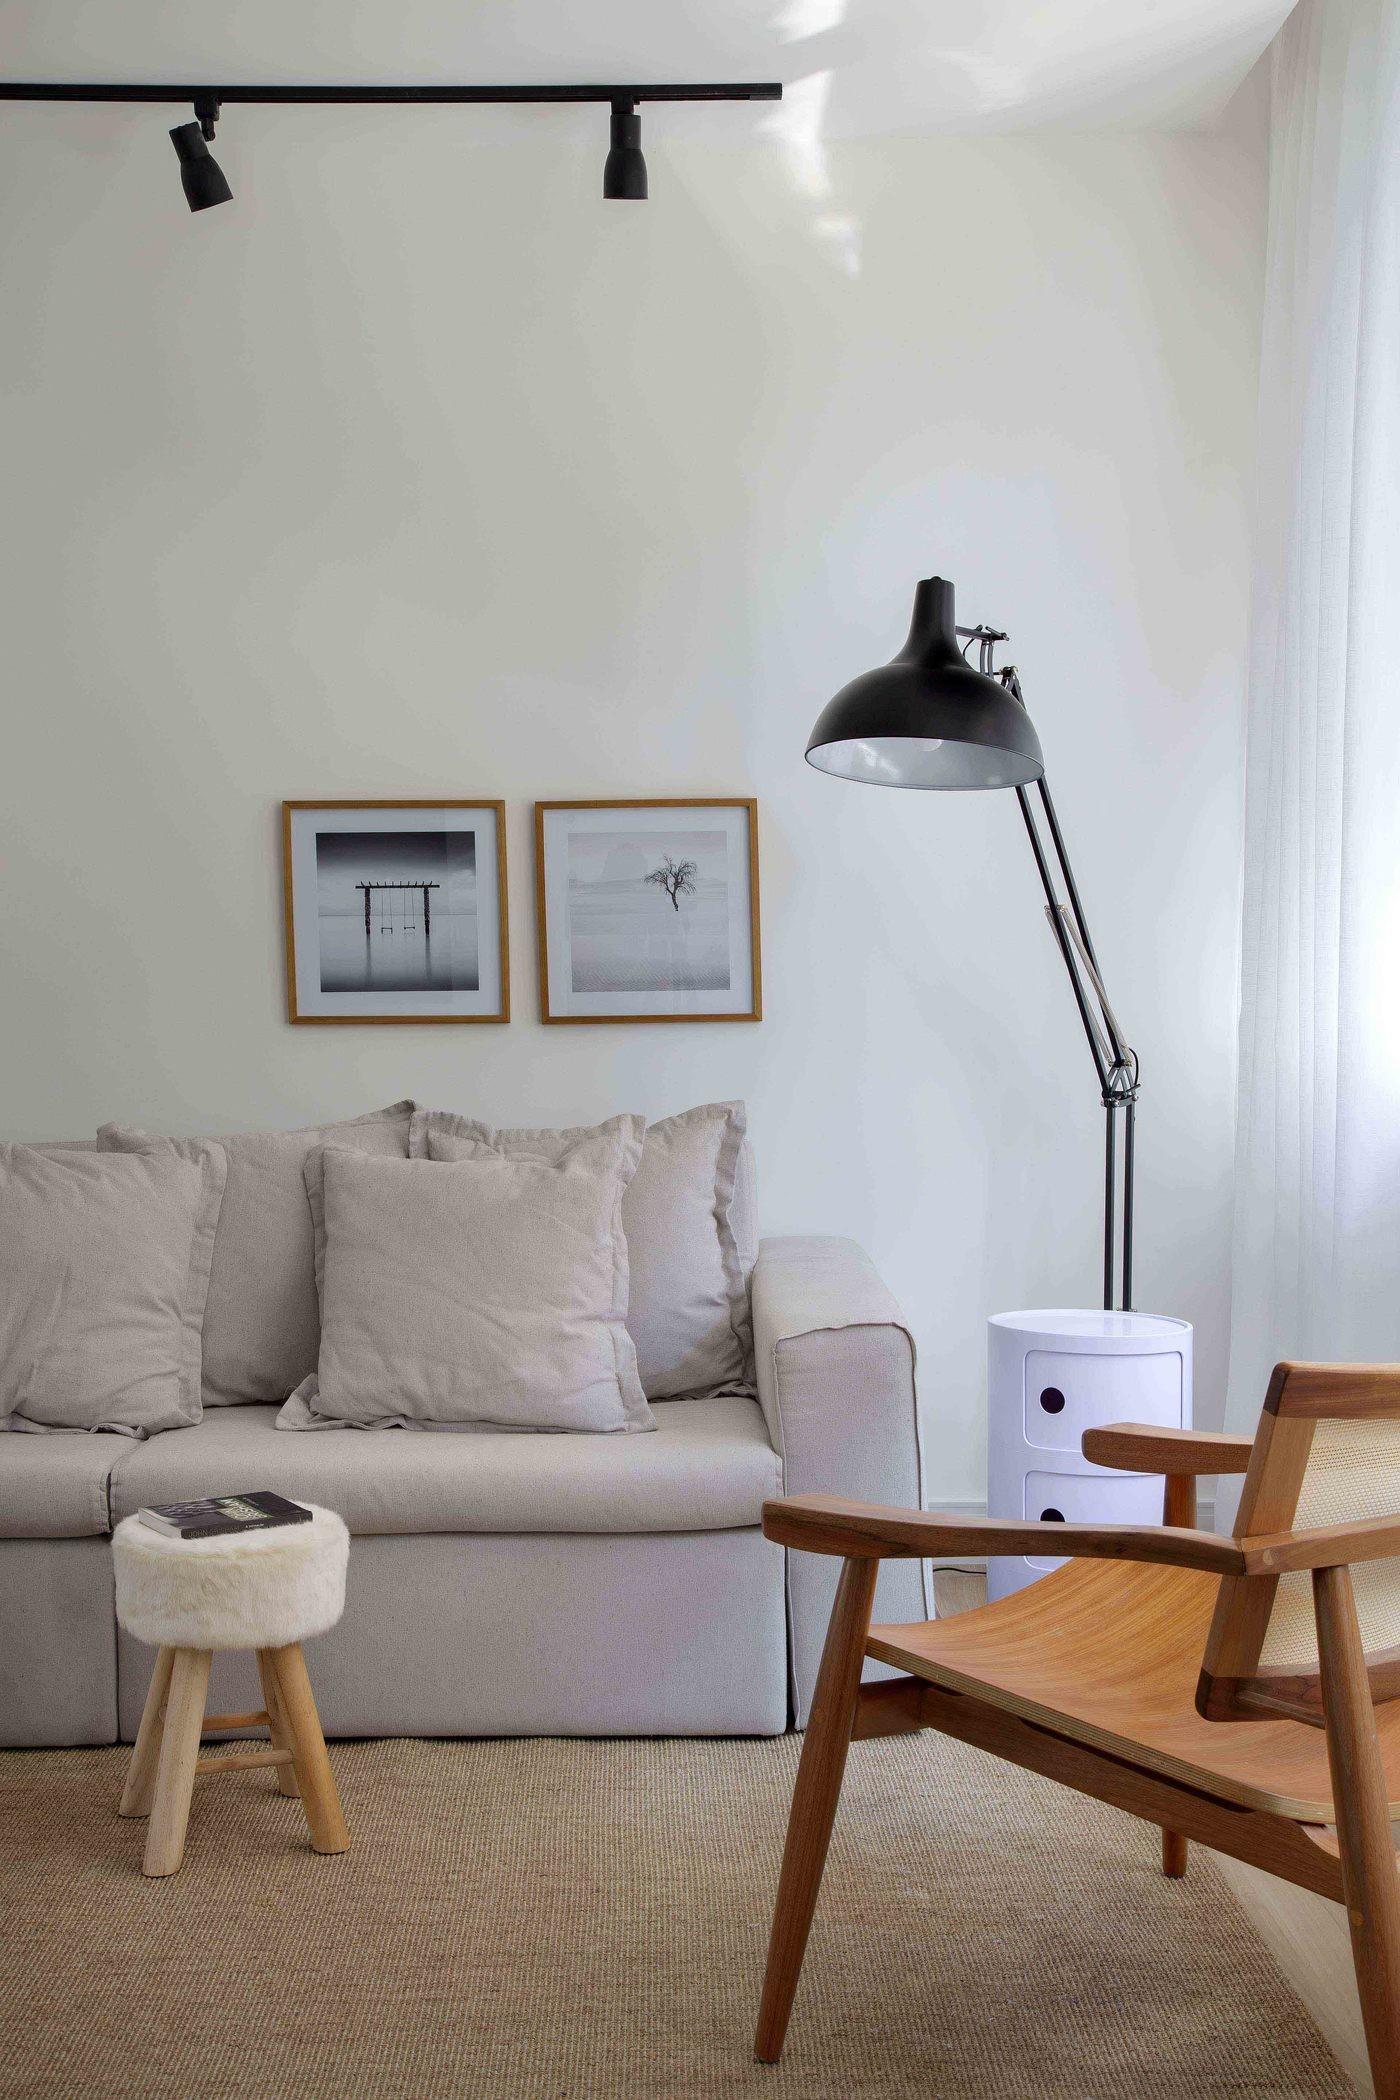 Décor do dia: estilo neutro e praticidade na sala de estar (Foto: Divulgação)